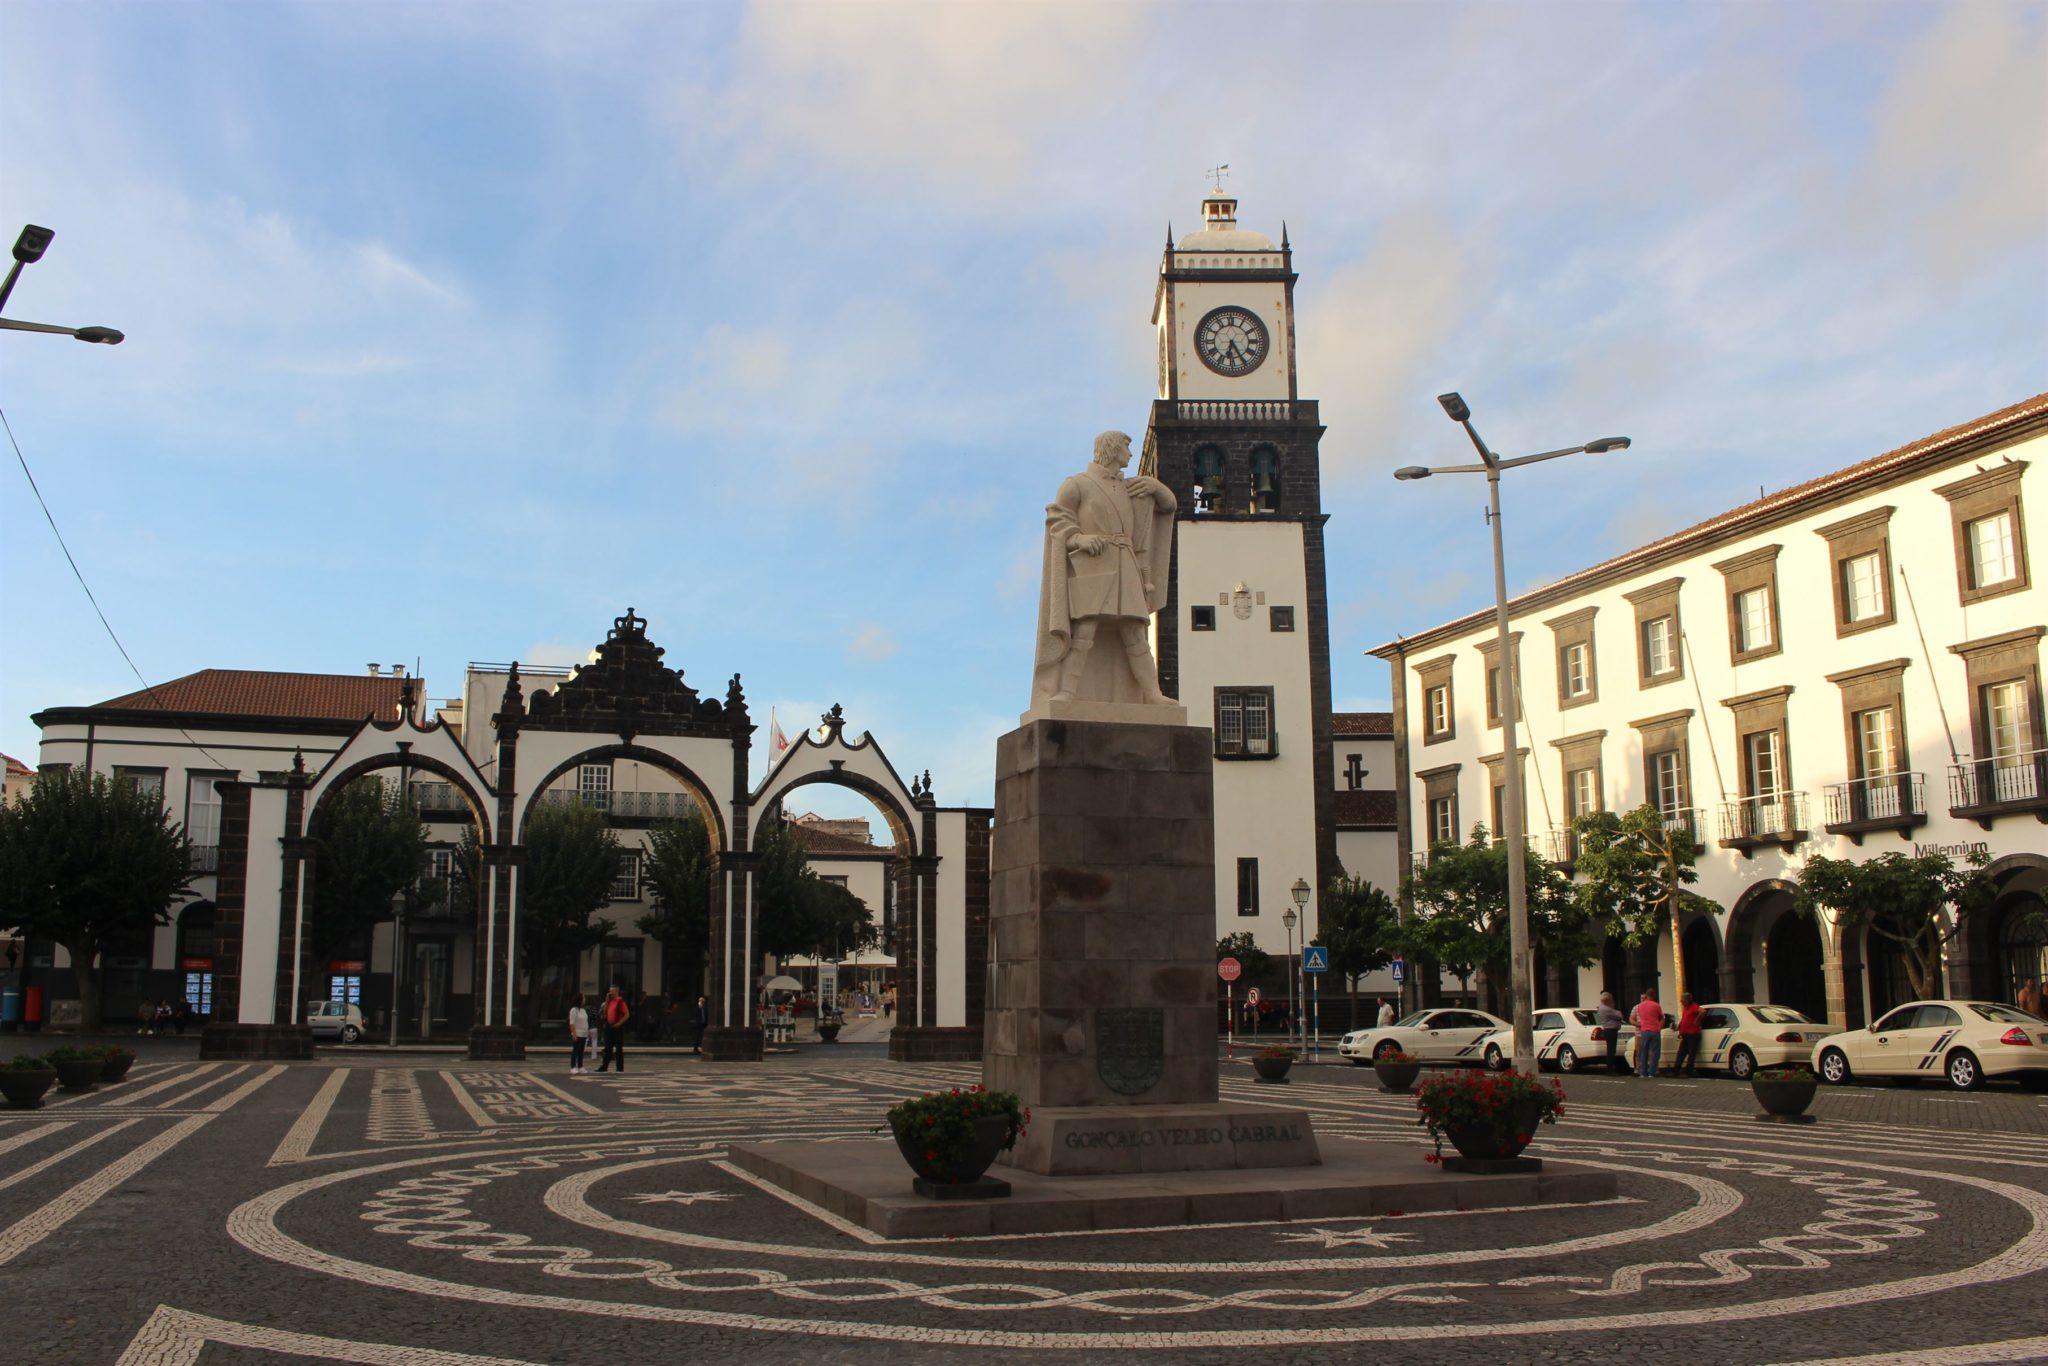 Arcos da cidade, Igreja Matriz e estátua de Gonçalo Velho, S. Miguel, Açores